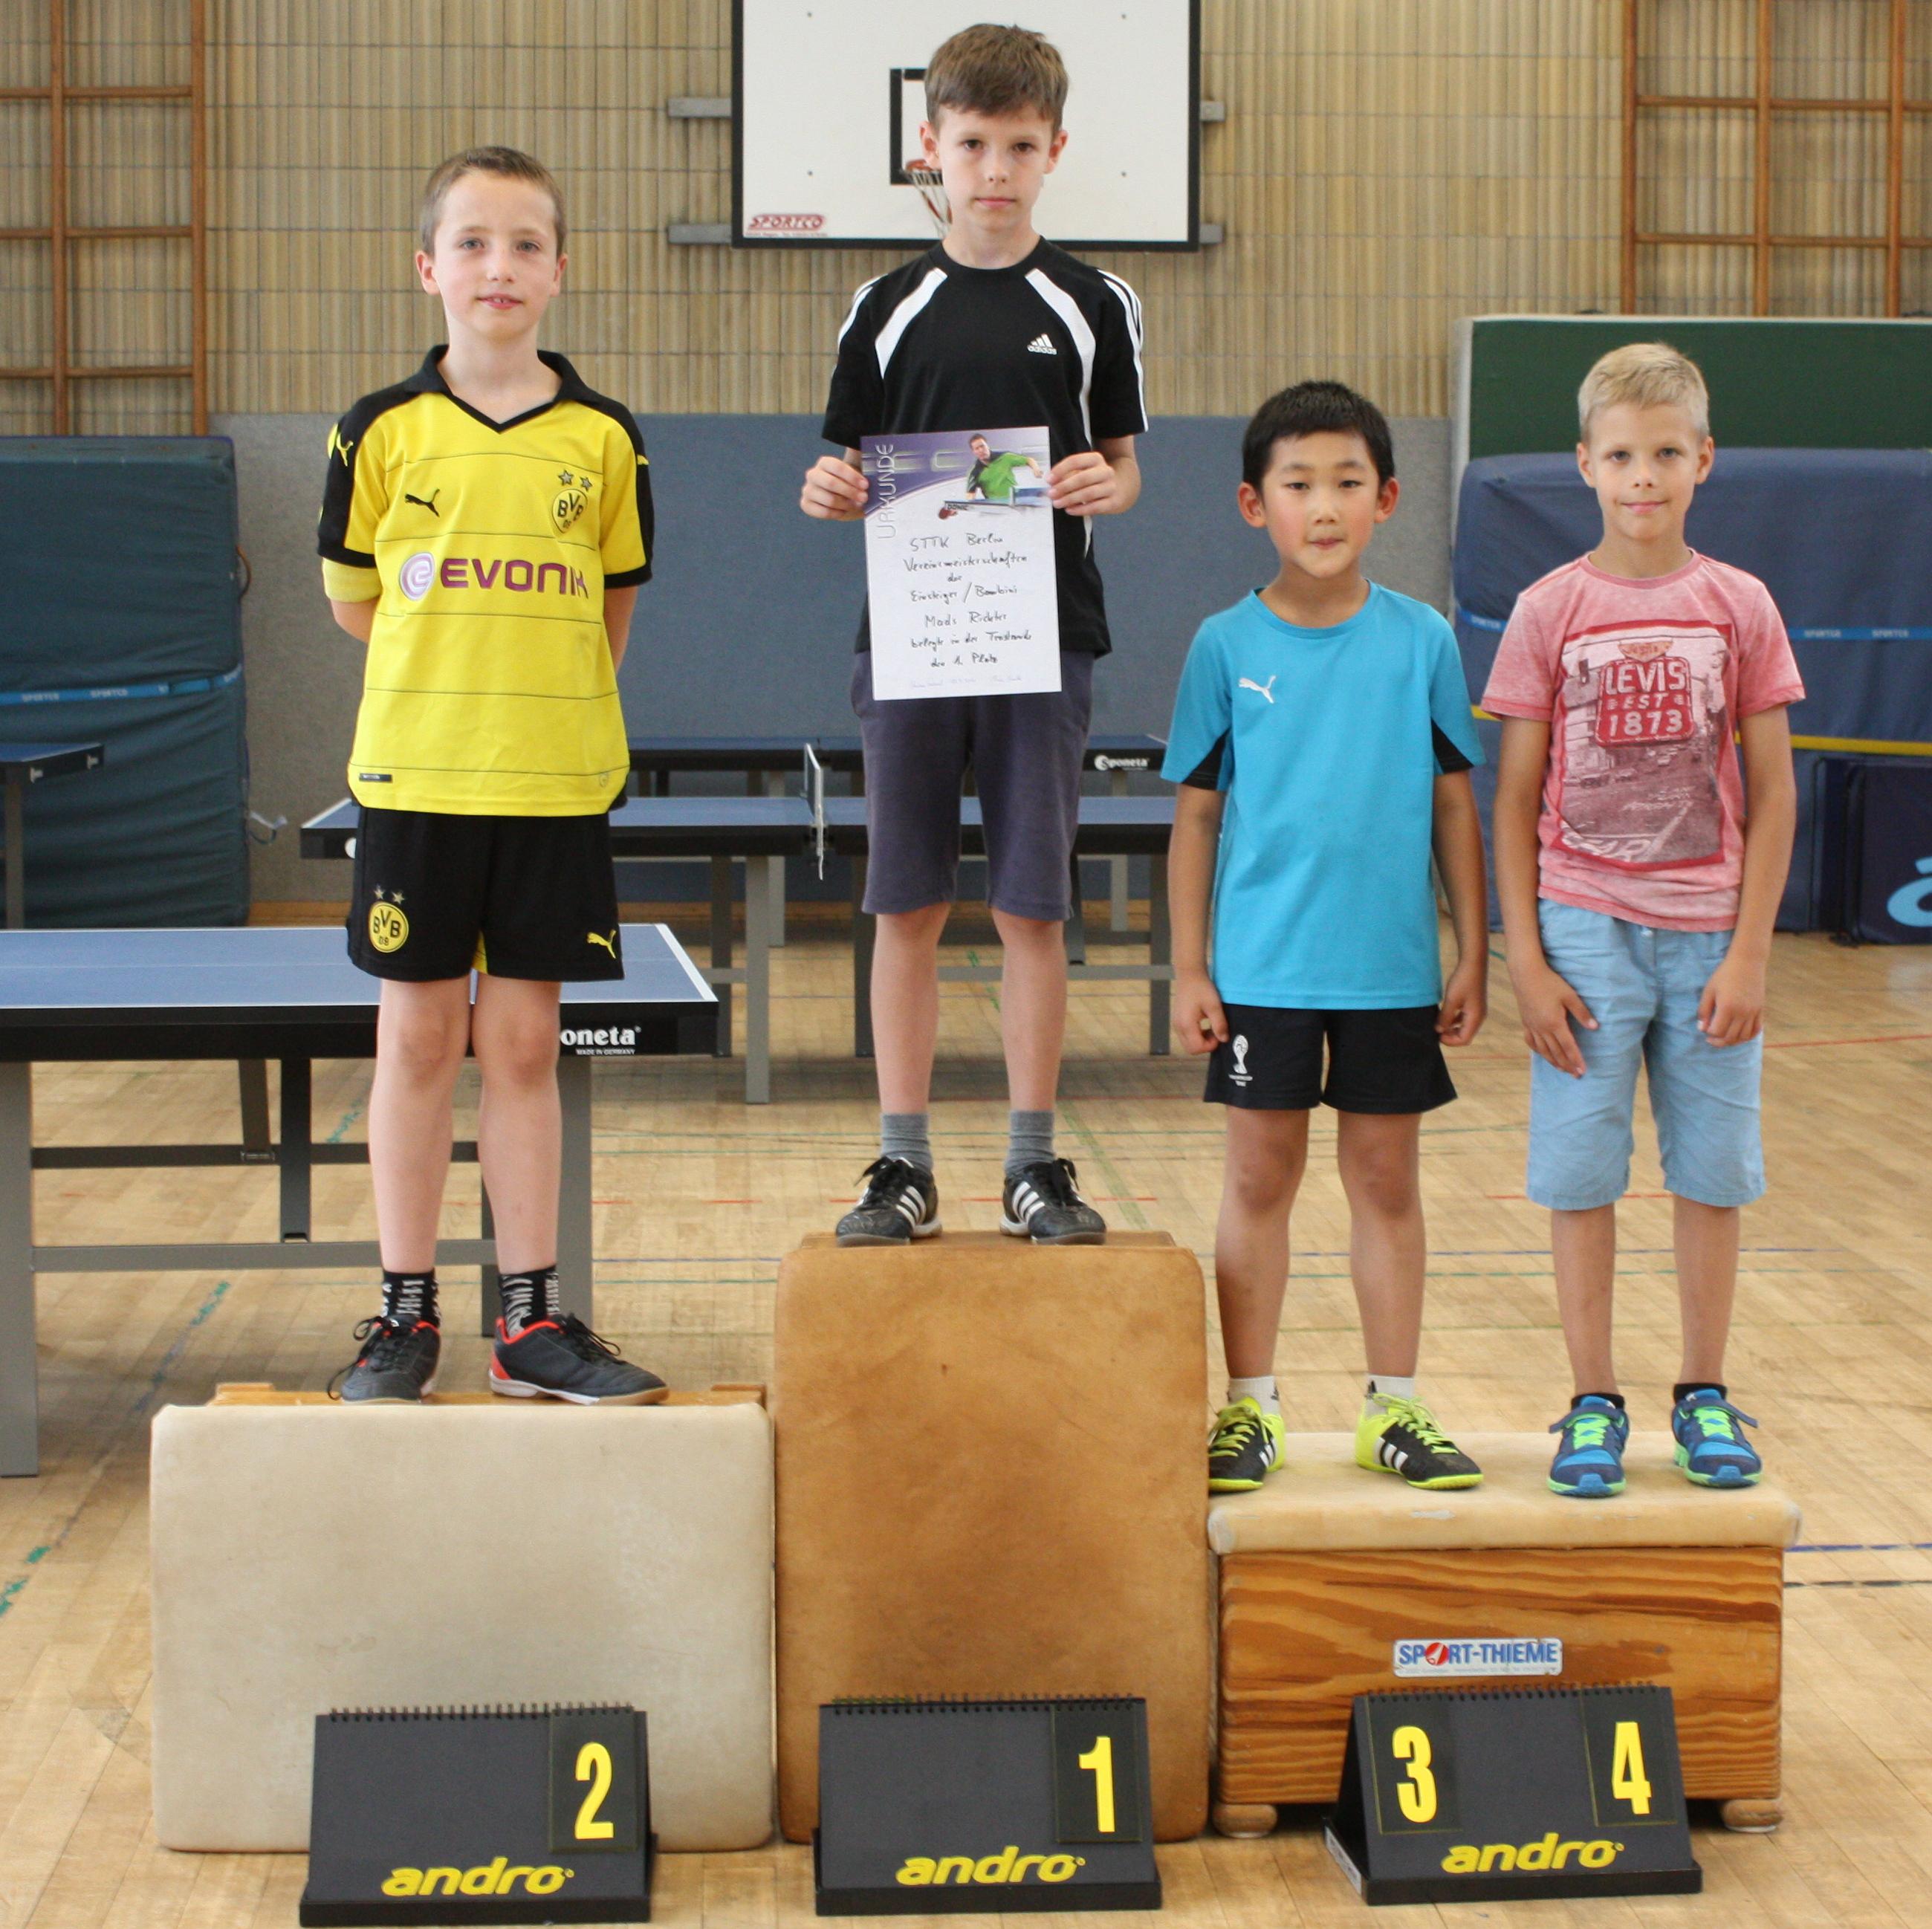 Siegerehrung Trostrunde Einsteiger: 1. Platz: Mads, 2. Platz: Rafael, 3. Platz: Jiahe, 4. Platz: Jevgeni